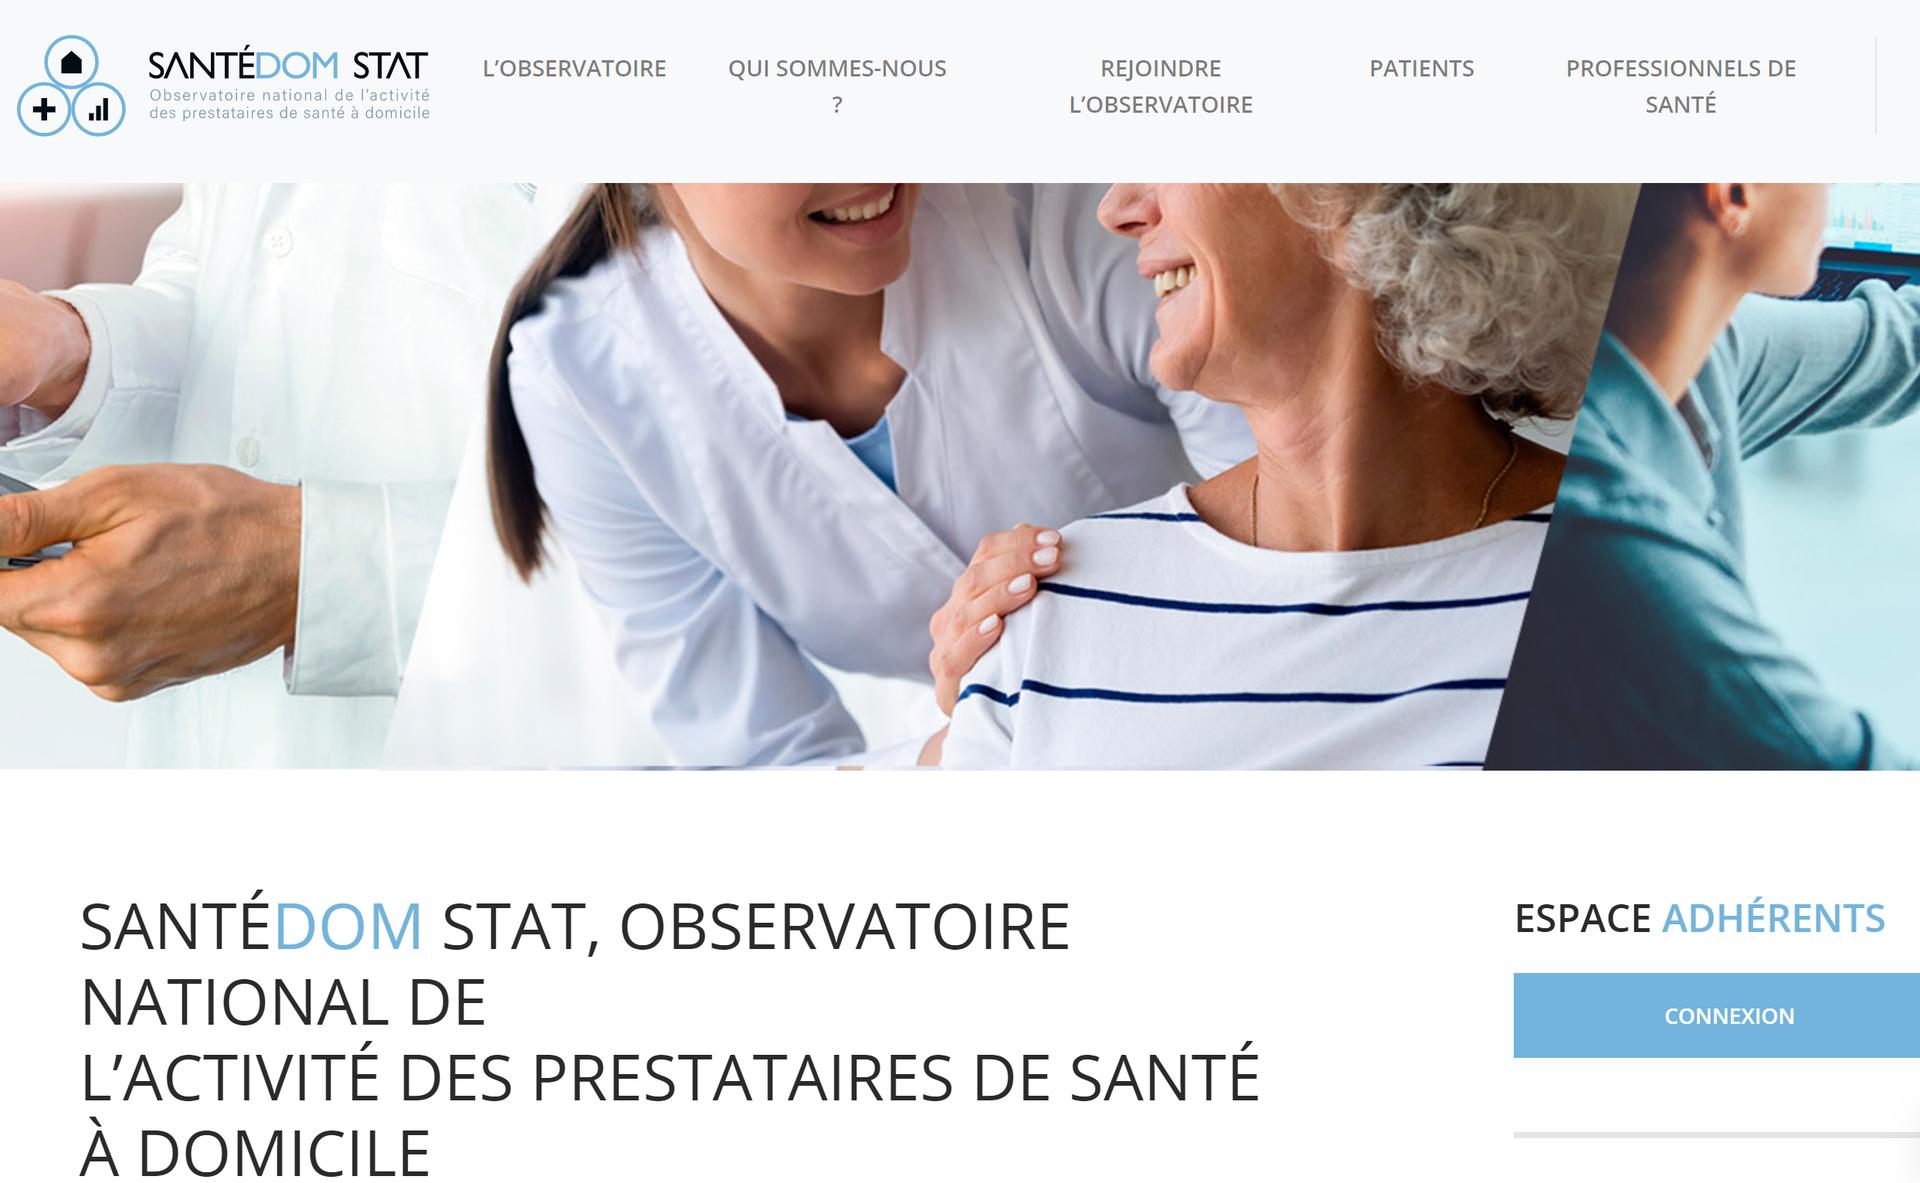 syndicat professionnel des prestataires de dispositifs médicaux